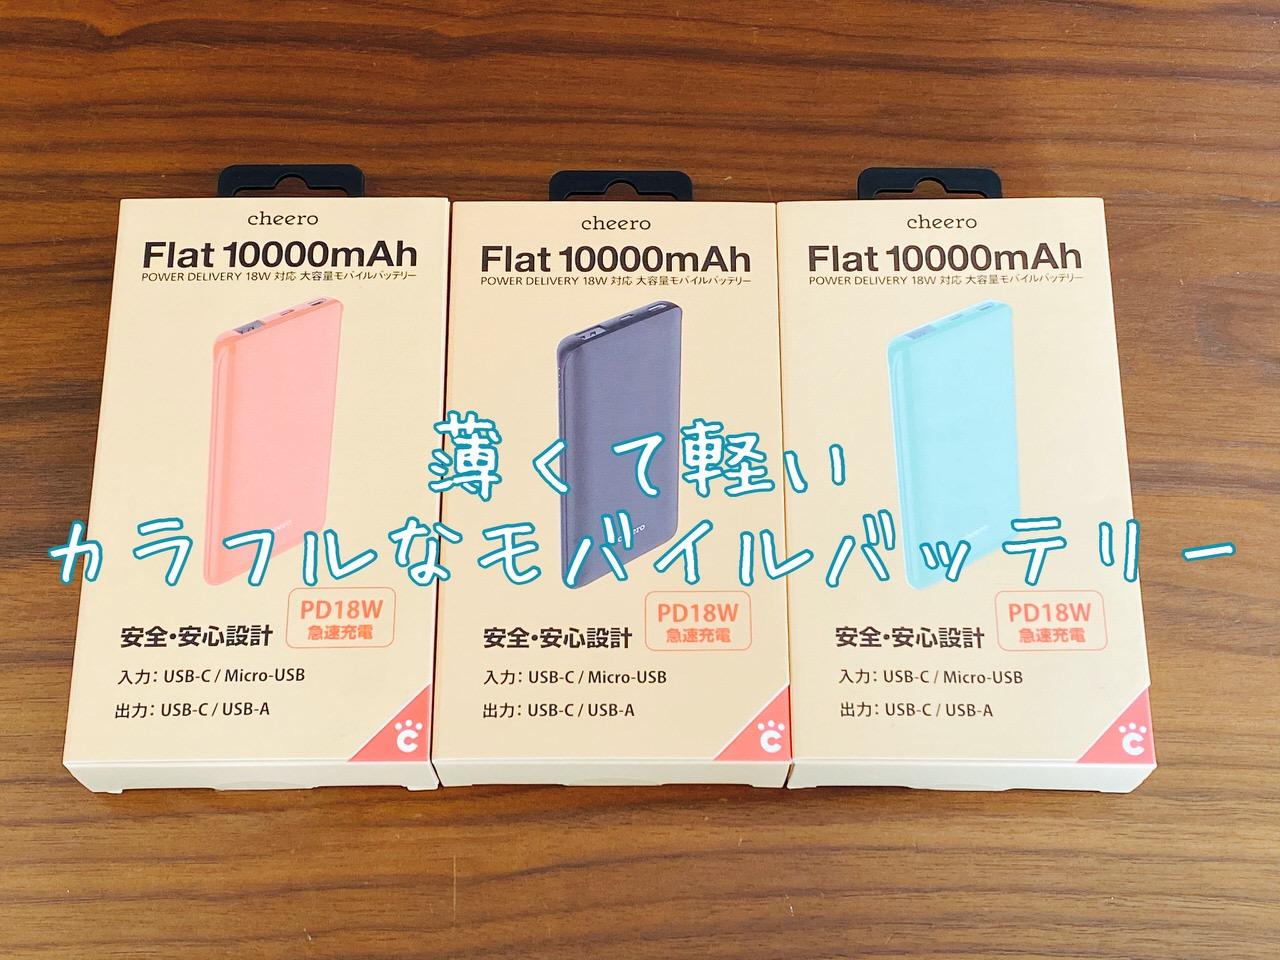 【cheero】薄くて軽くてカラフルなモバイルバッテリー「Flat 10000mAh with Power Delivery 18W」発売!【プレゼント企画あり】 #提供